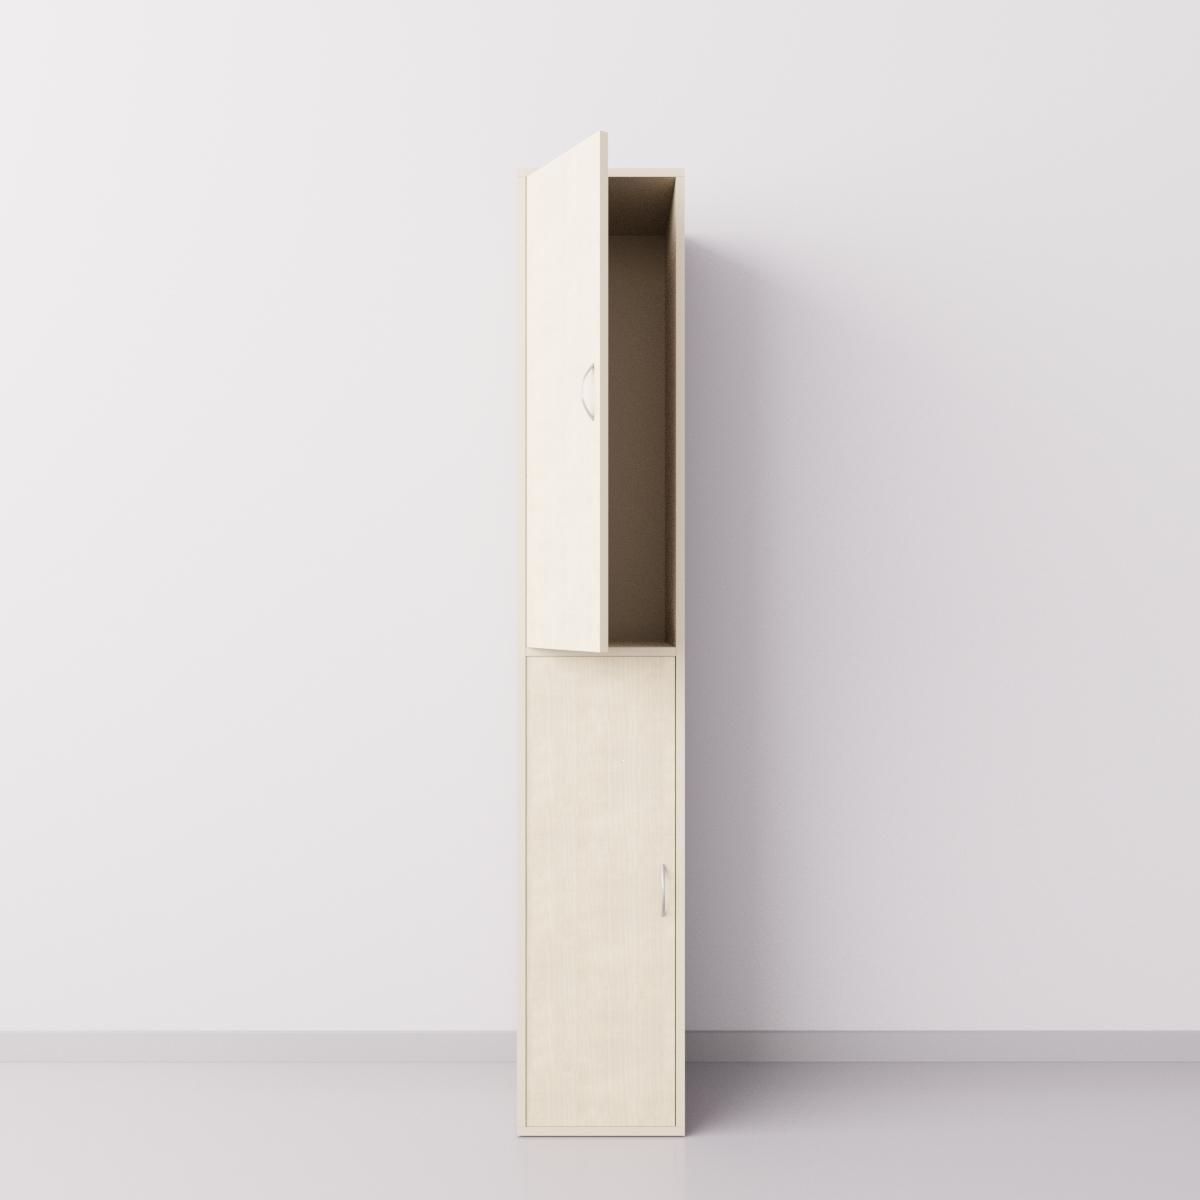 Шкаф для раздевалки из ДСП 1х2 вертикальные секции, клён